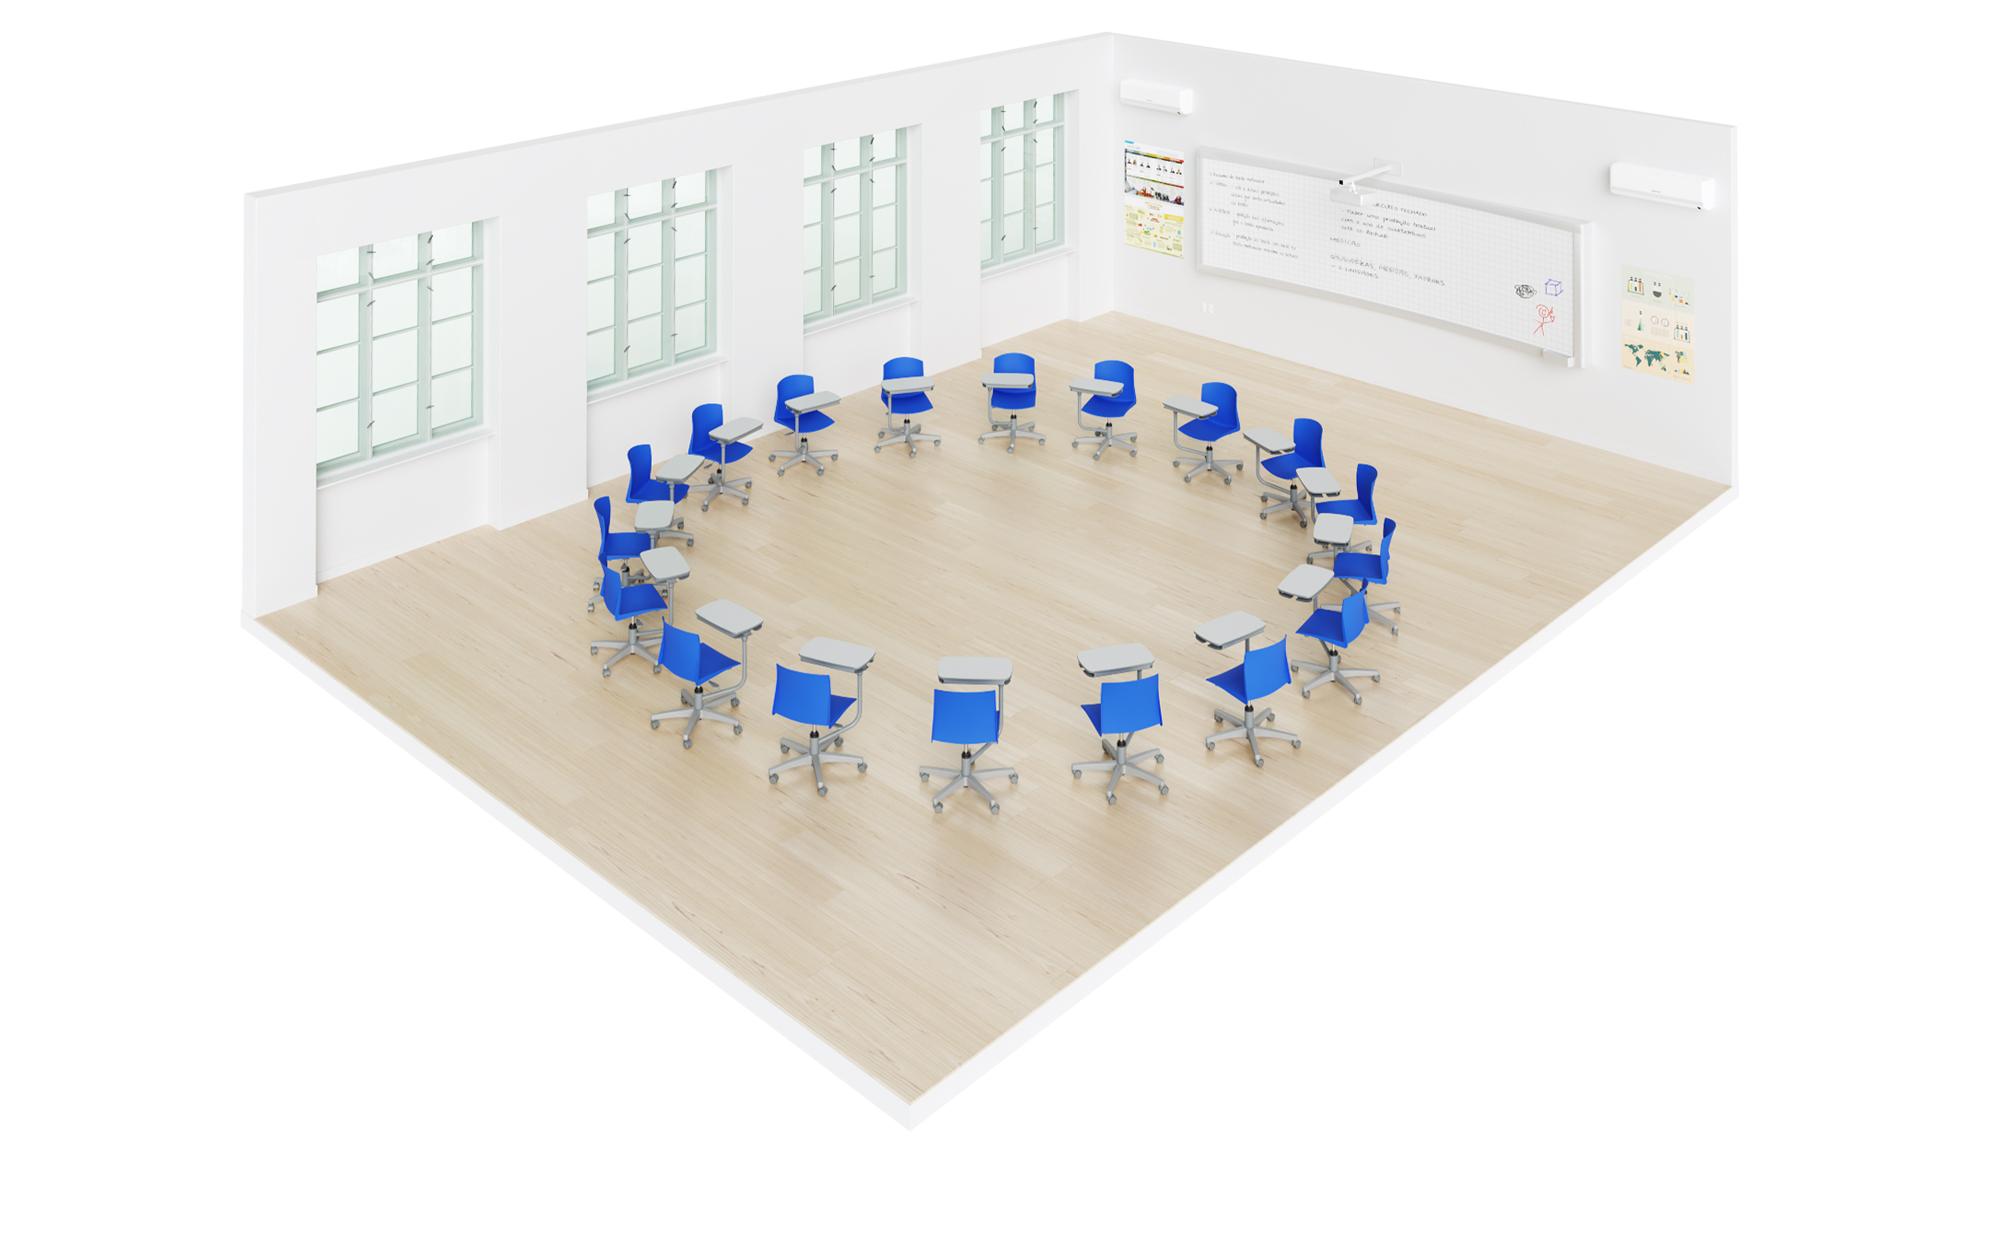 sala de aula com carteira universitária flex pro em um grande círculo